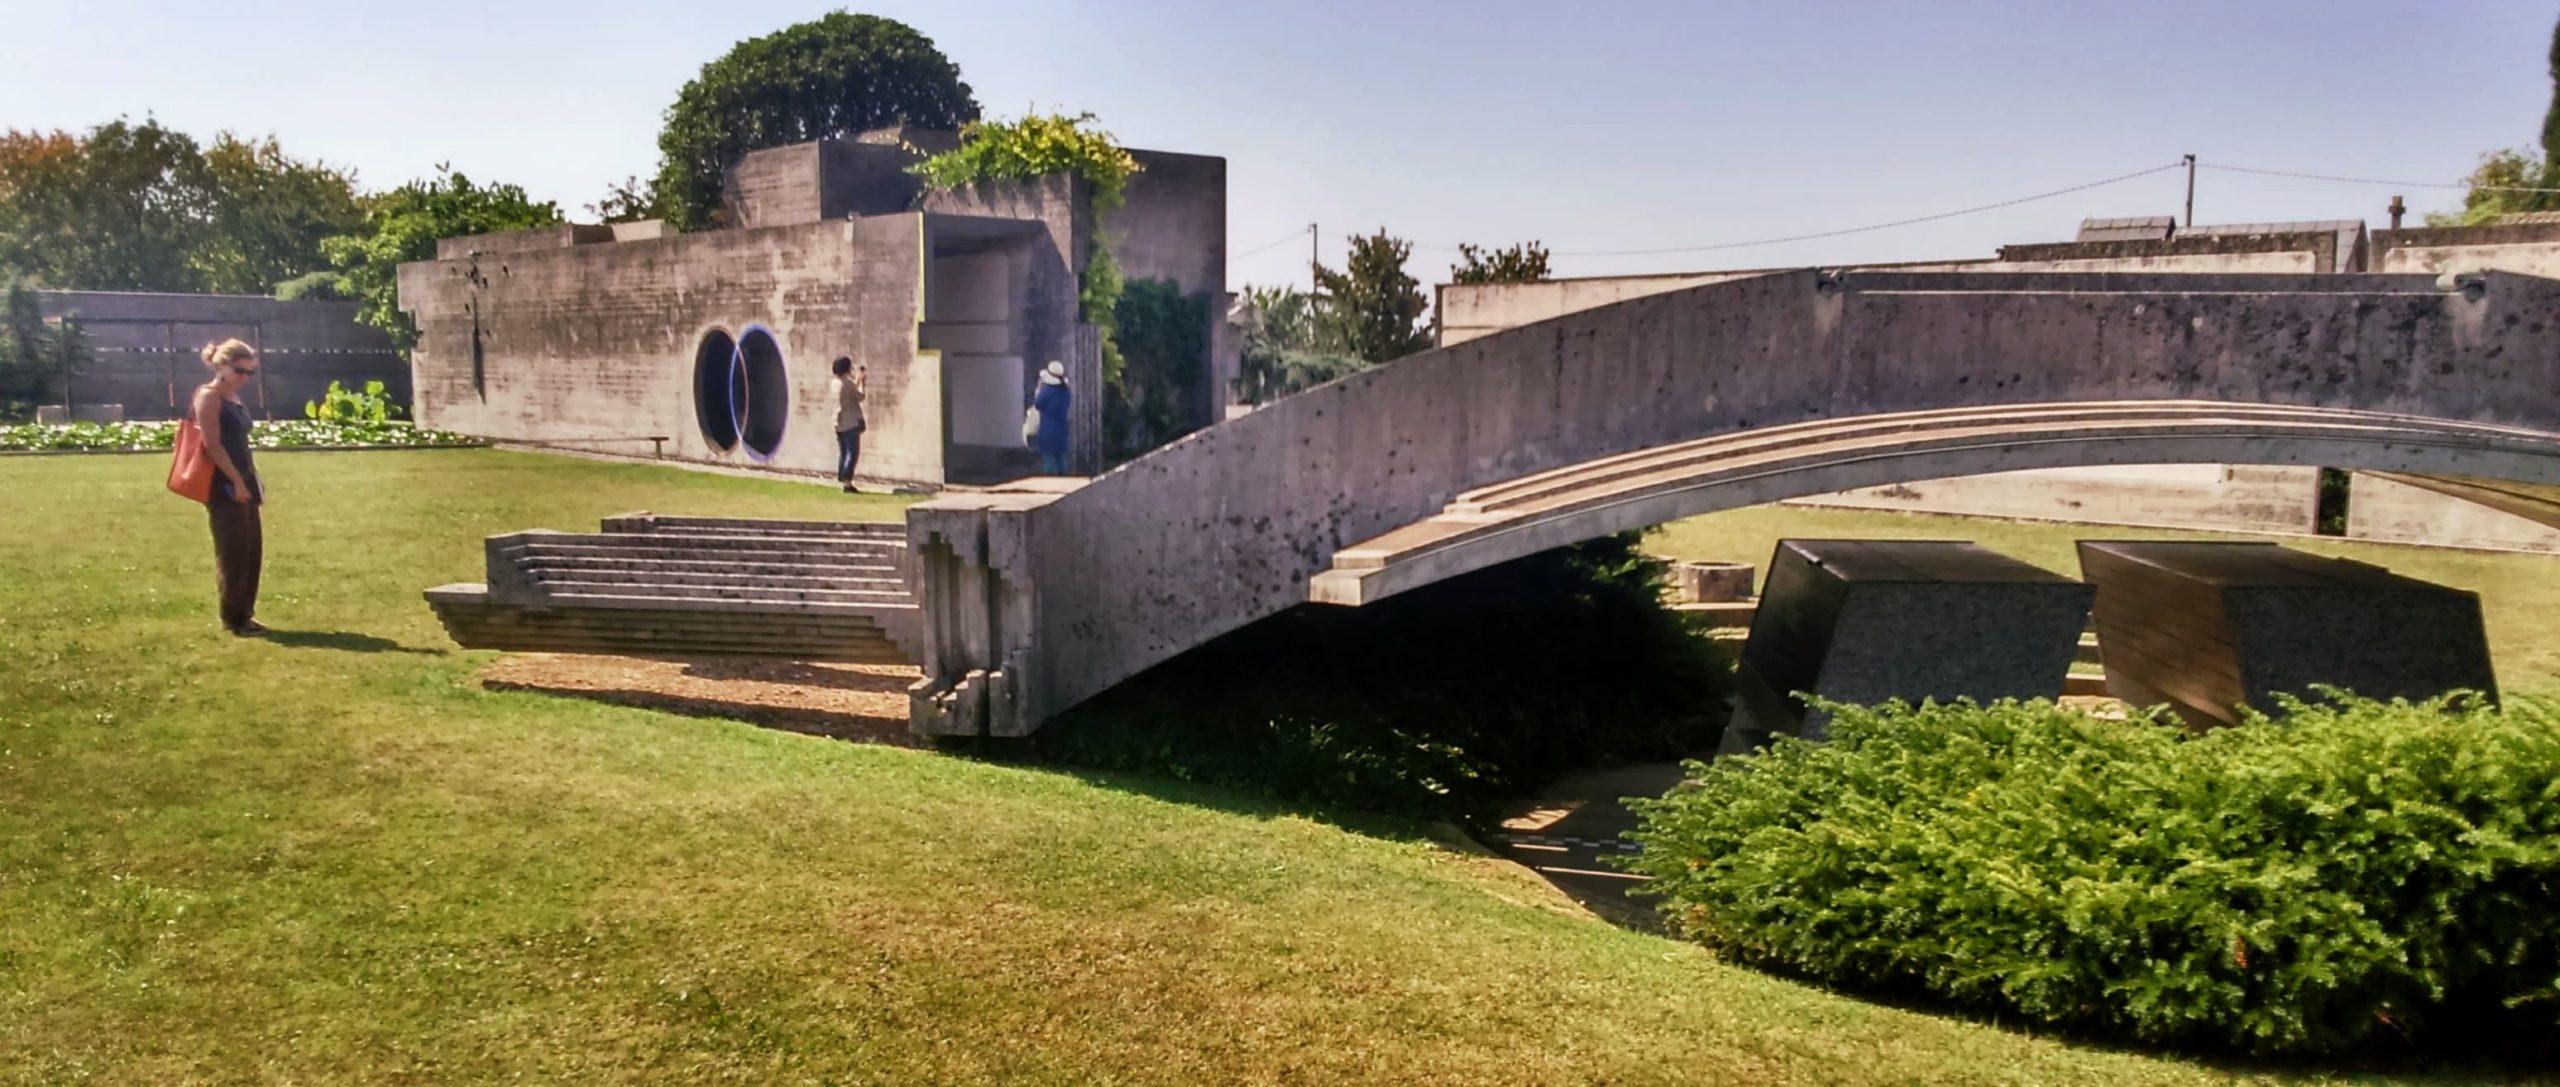 Visite guidate per architetti Tomba Brion Carlo Scarpa